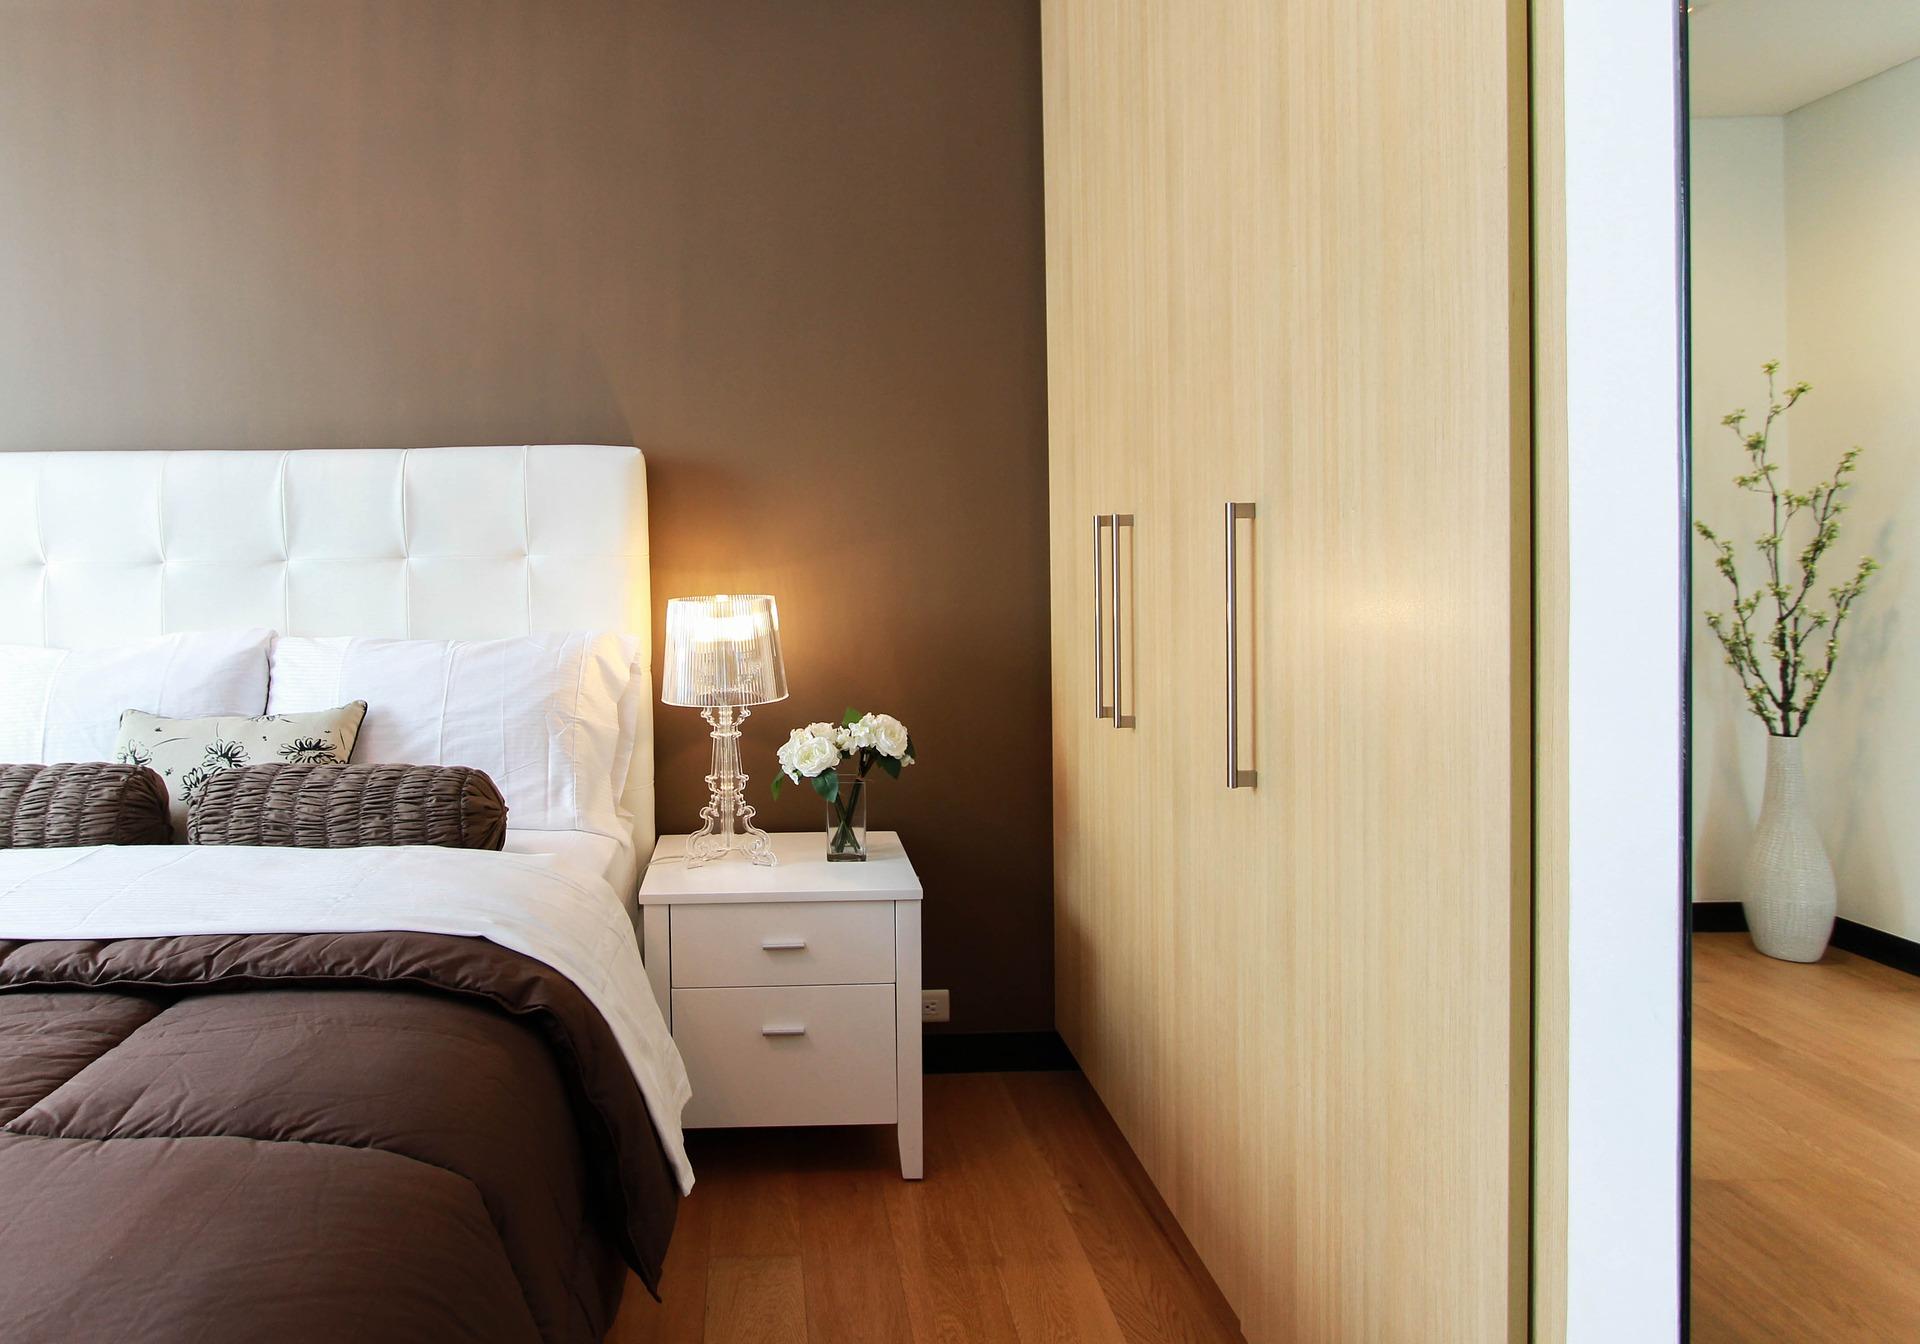 Slaapkamer Verlichting Ideeen : Slaapkamer verlichting ideeën interieur inricht babyfoot